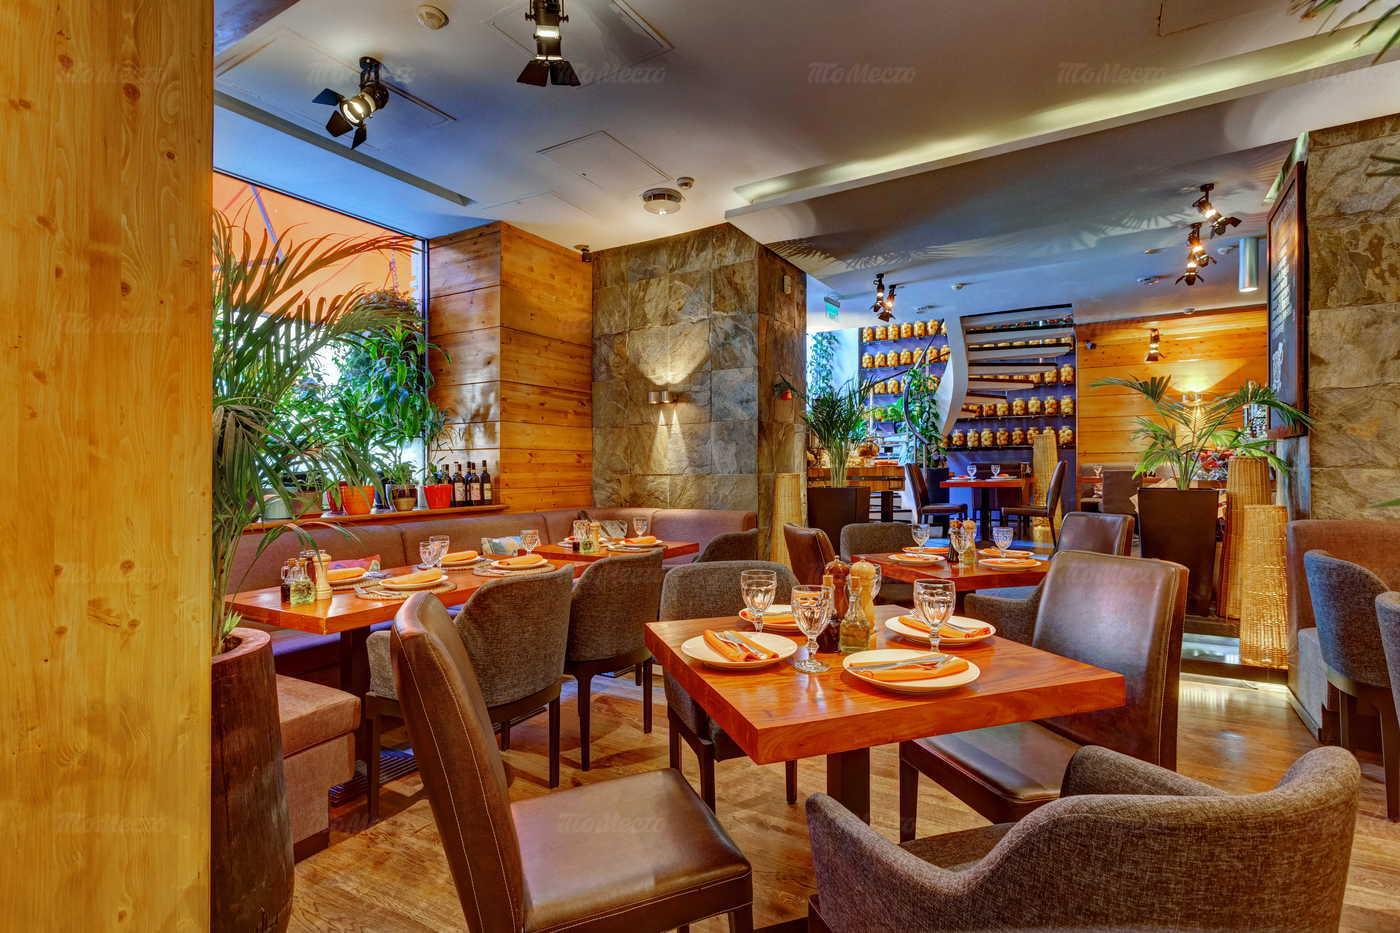 Ресторан Барашка (Бараshка) на Петровке фото 13